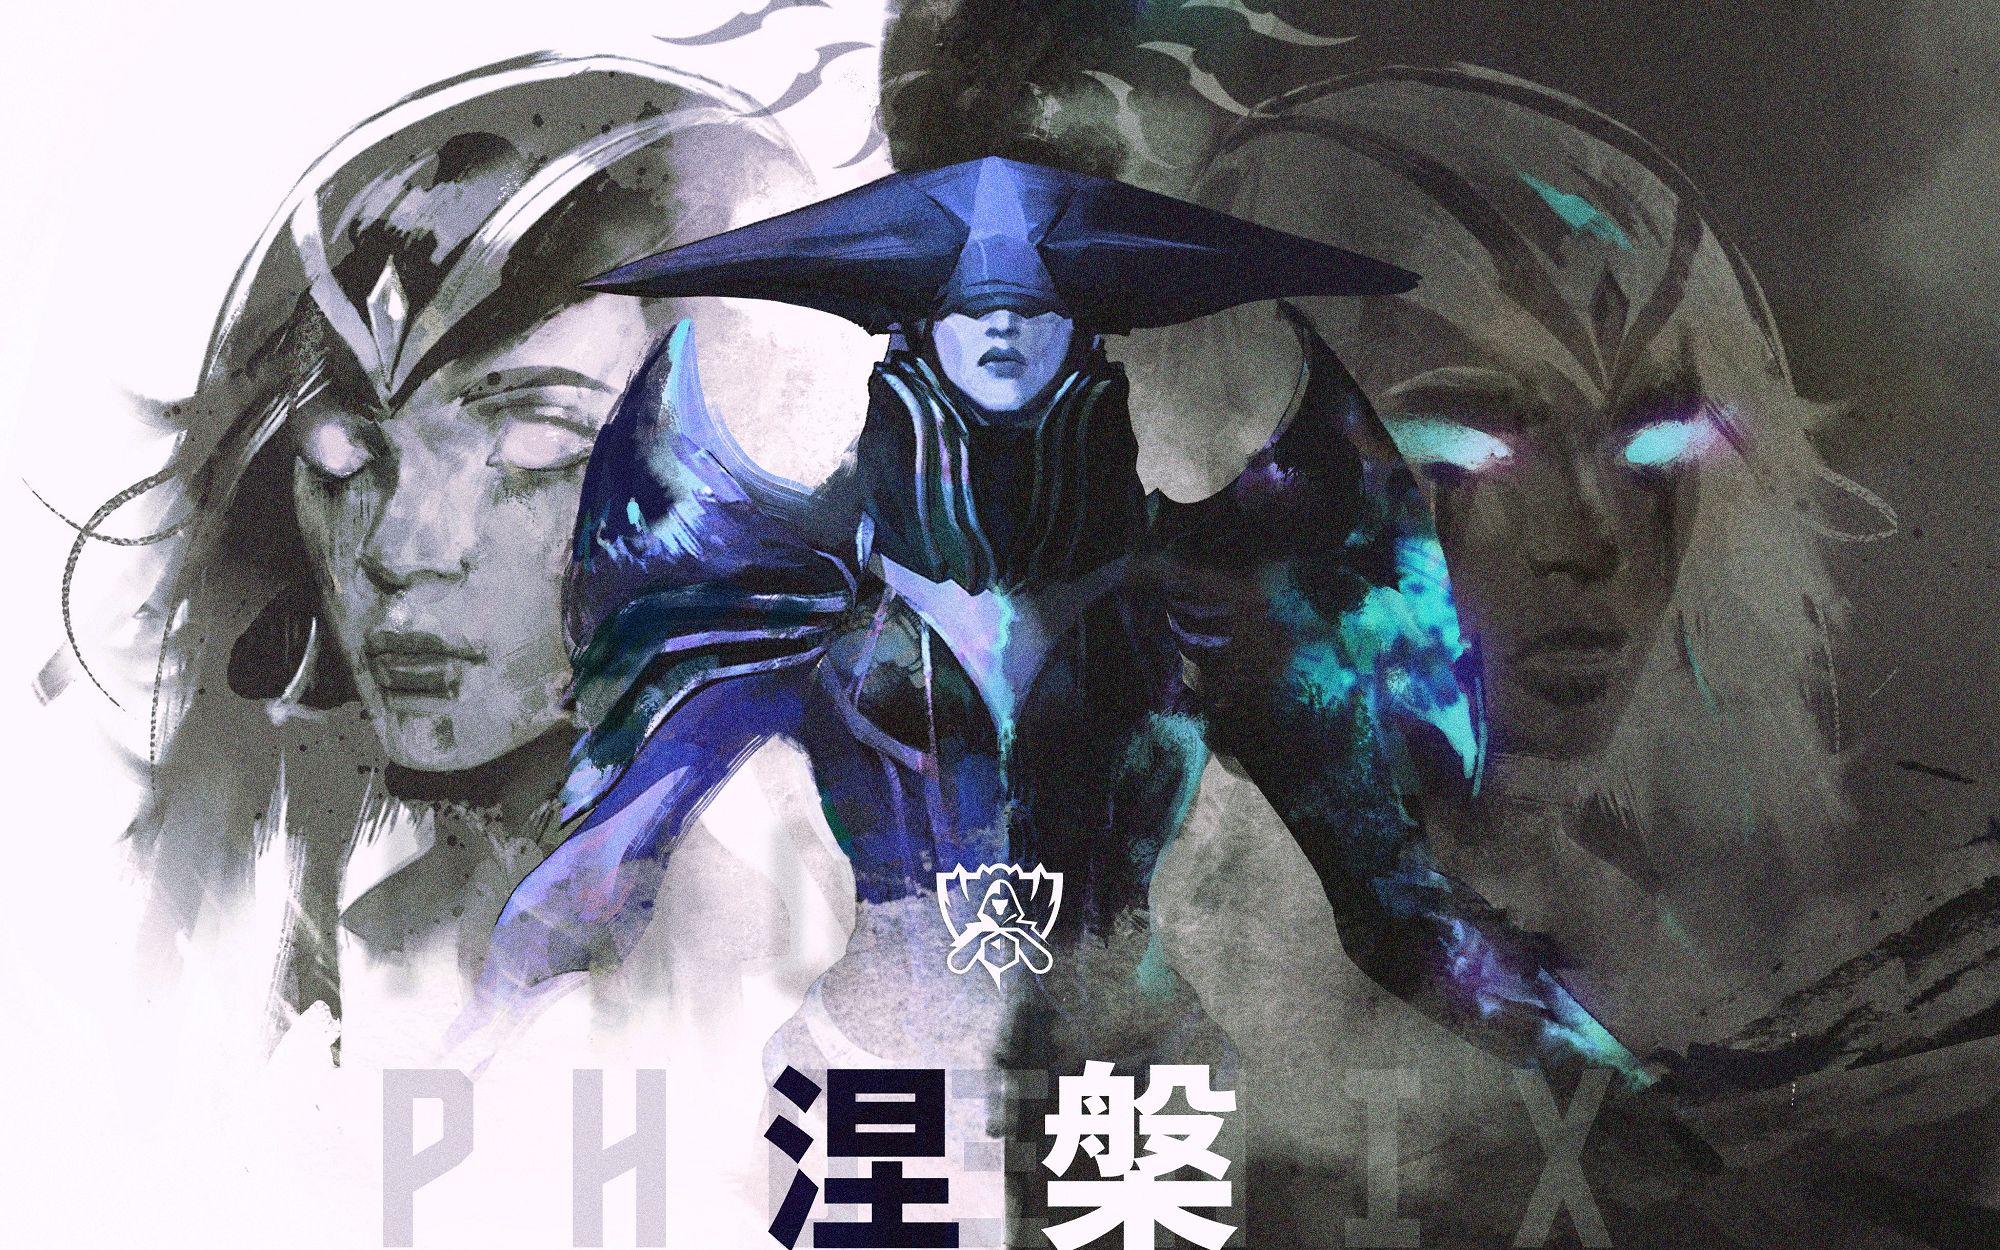 【英雄联盟】2019全球总决赛MV《涅槃》